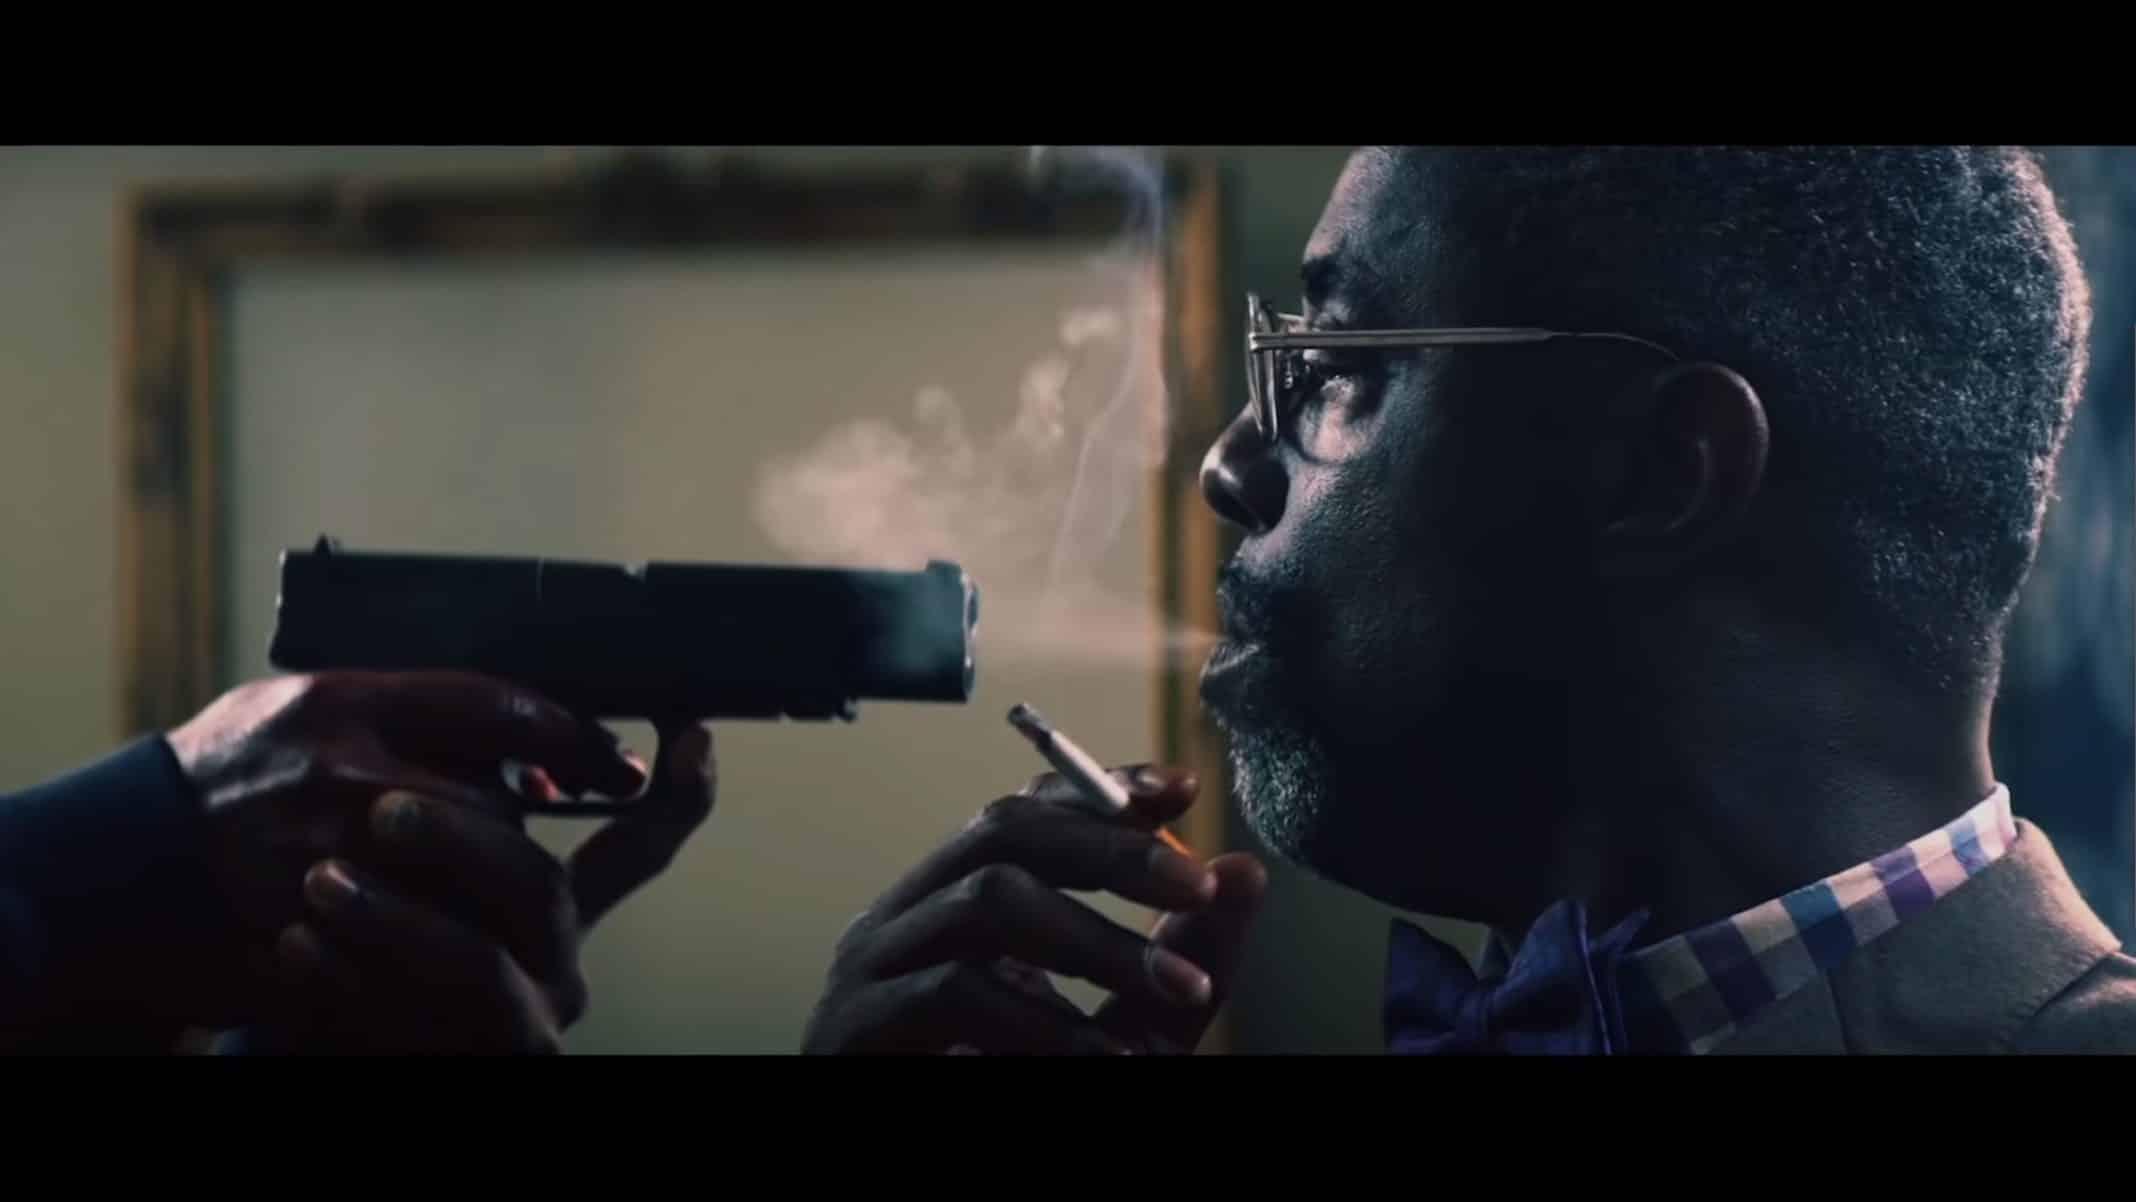 Sinclair Stewart (Isiah Washington) with a gun in his face.